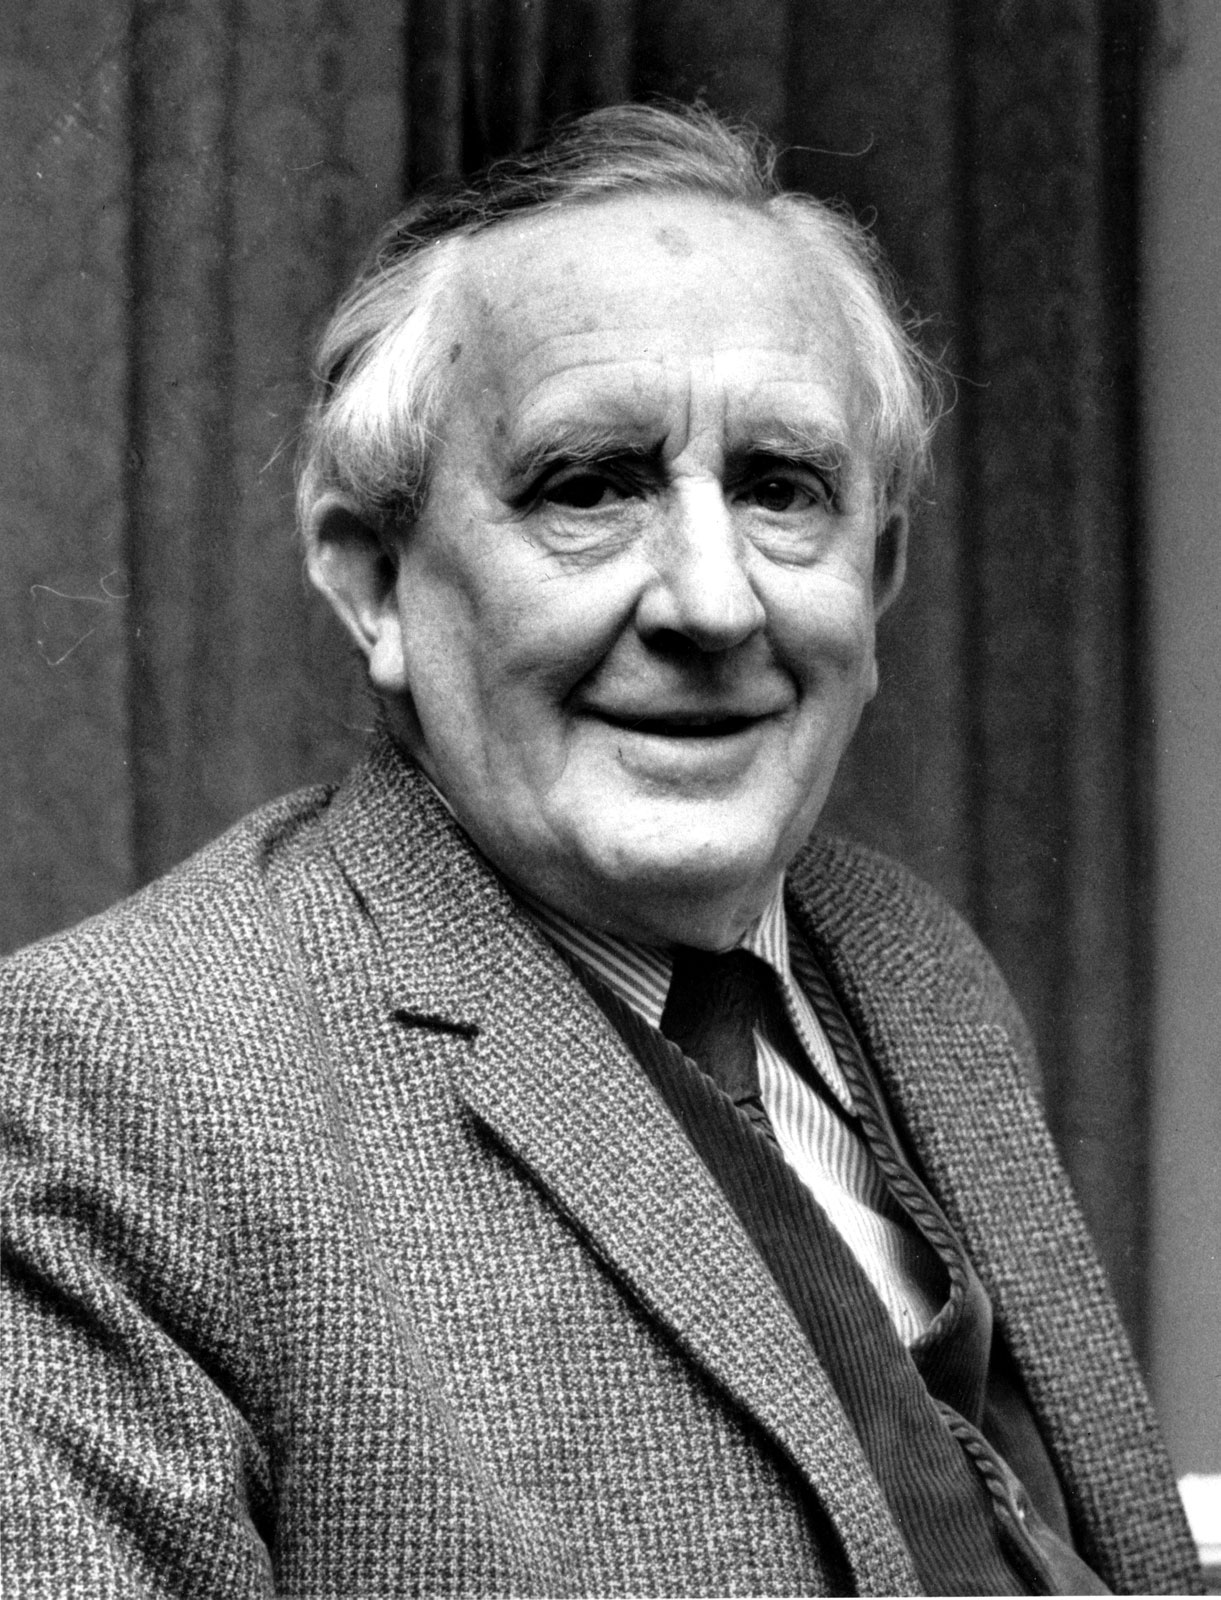 Colecție inedită de scrieri a lui JRR Tolkien, publicată vara viitoare